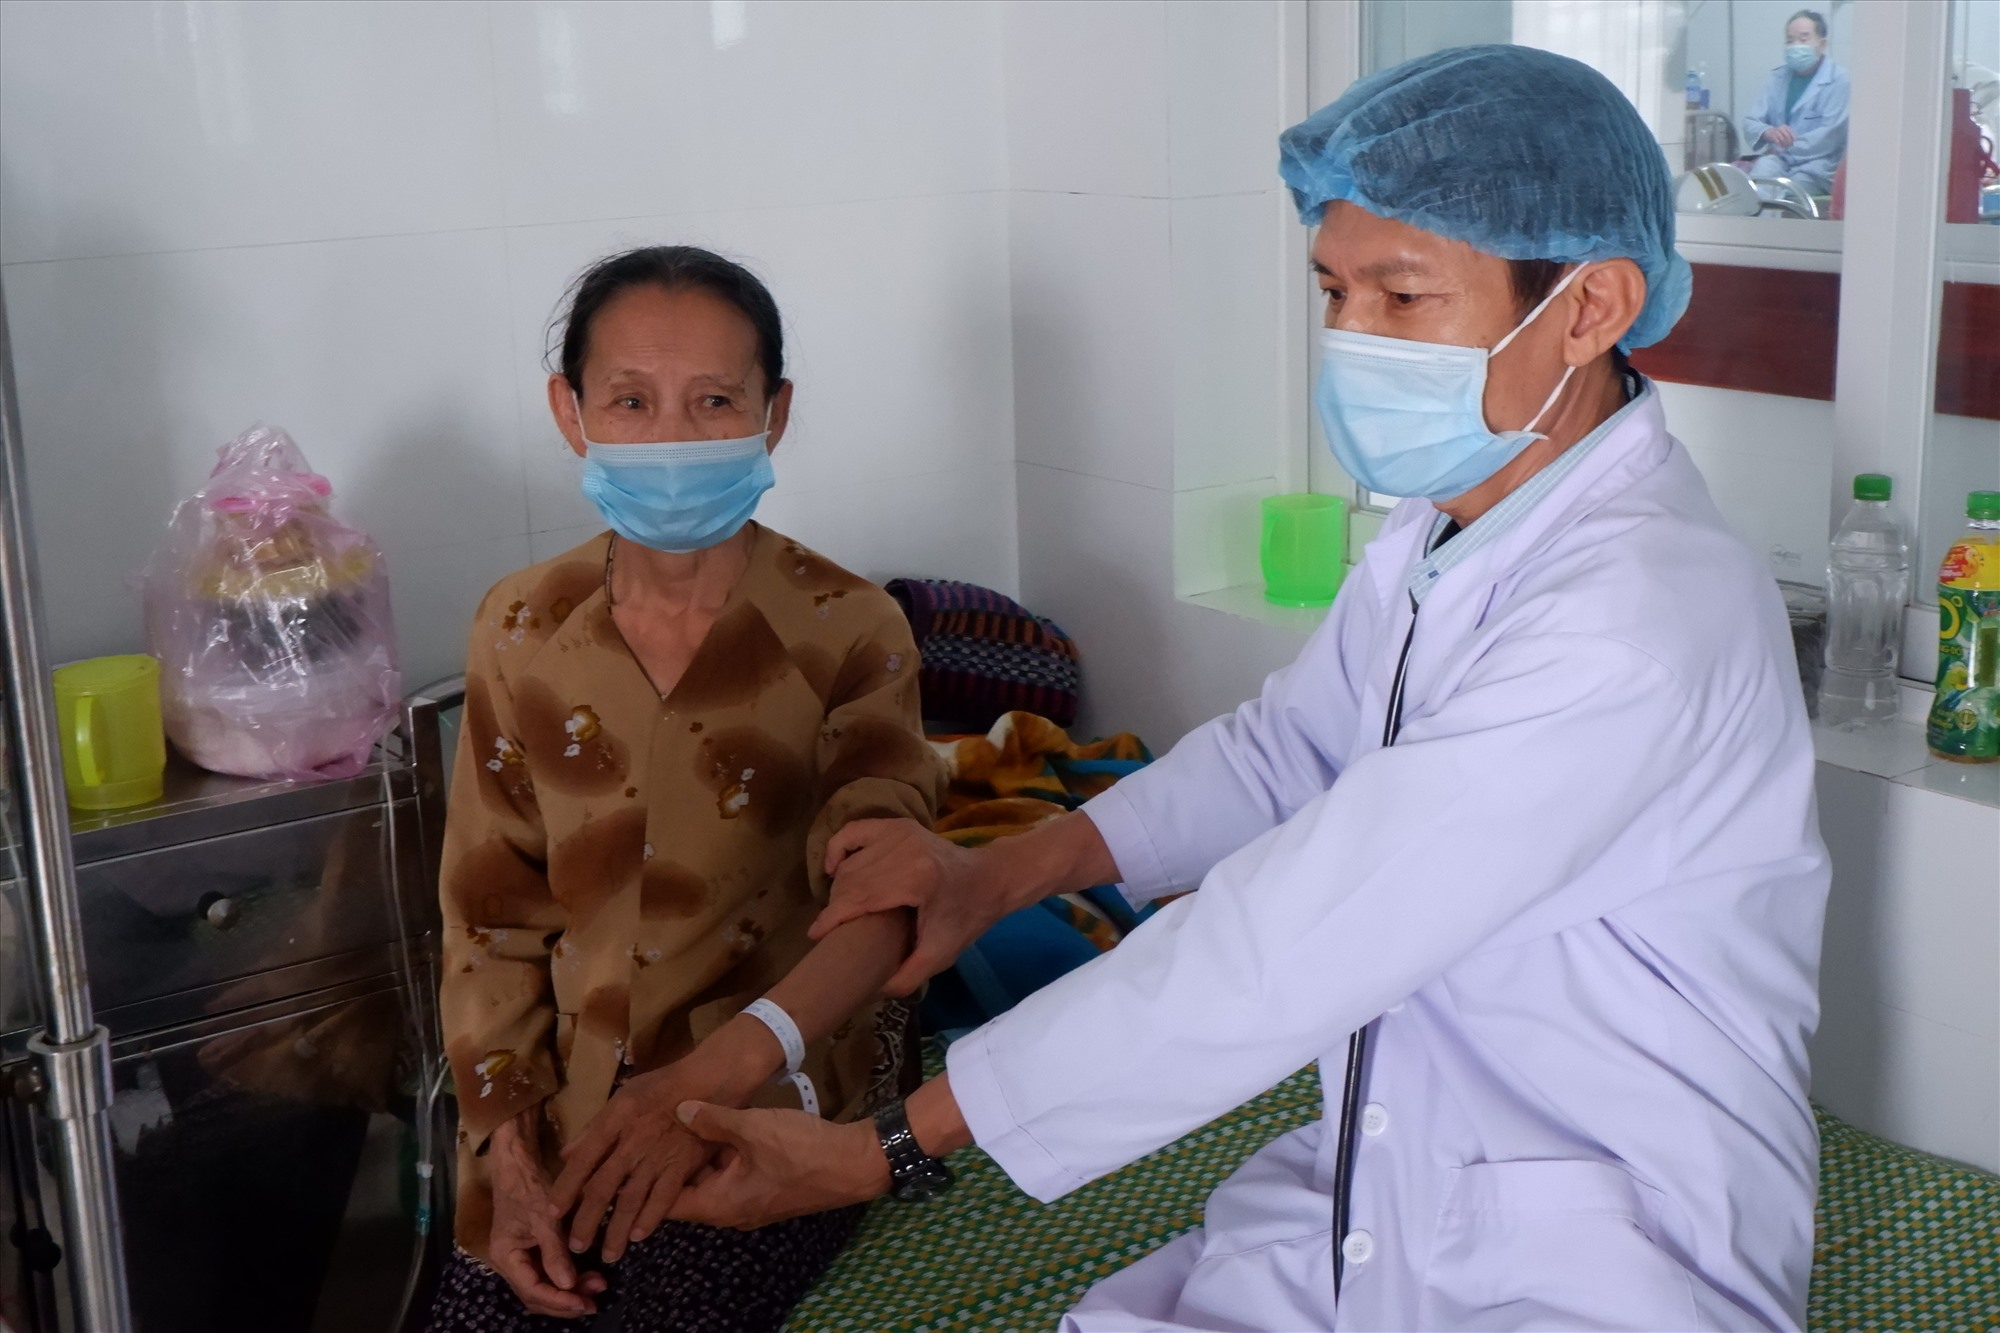 Hiện nhân lực ngành Y tế các tuyến tại Quảng Nam đang gặp nhiều khó khăn. Ảnh: X.H